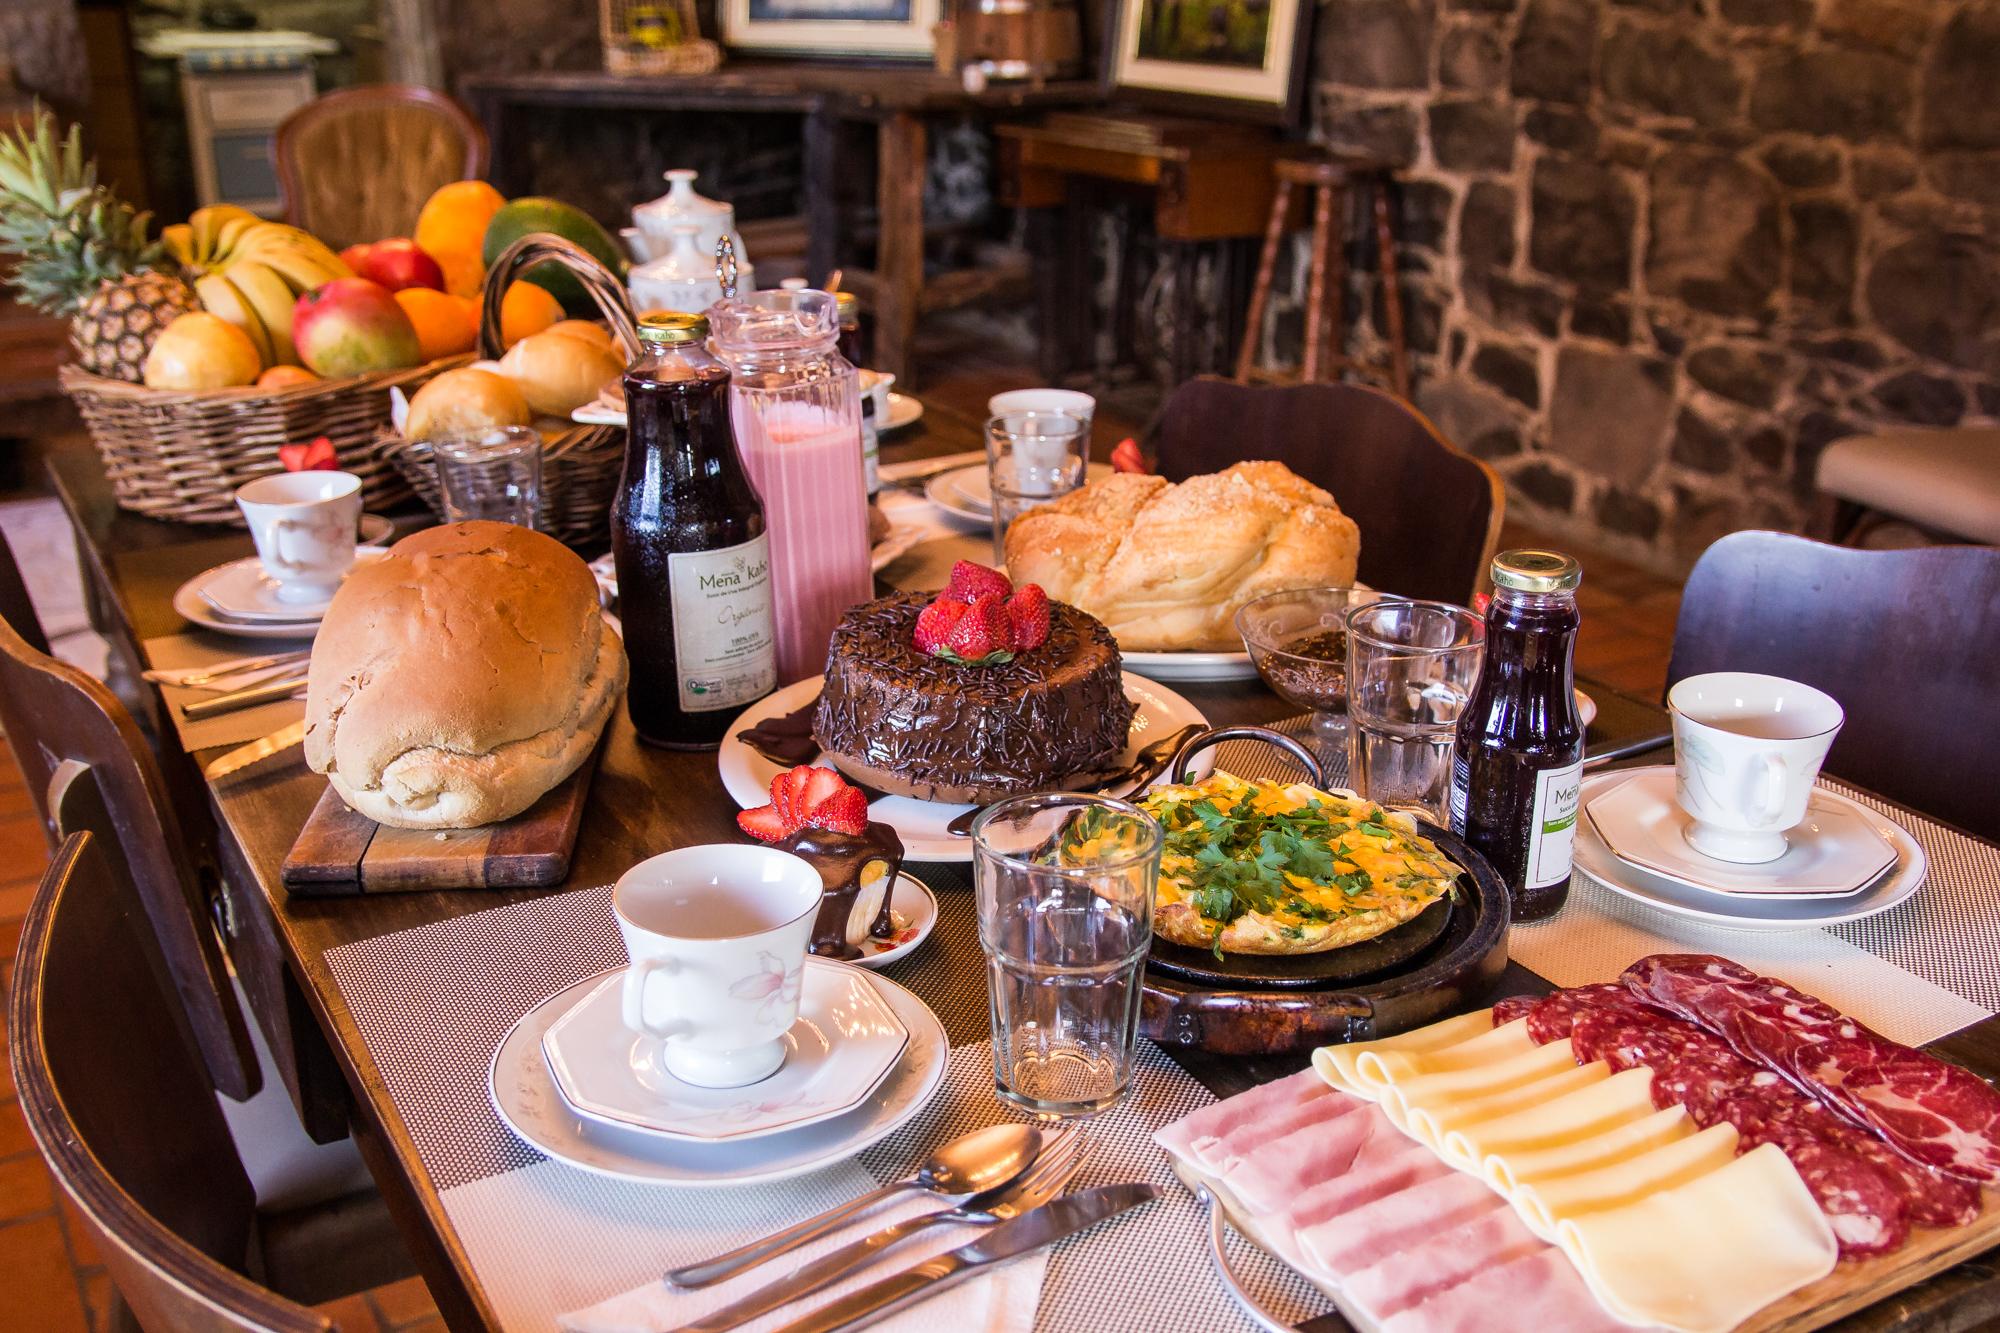 Café da Manhã E.S.P.E.C.I.A.L